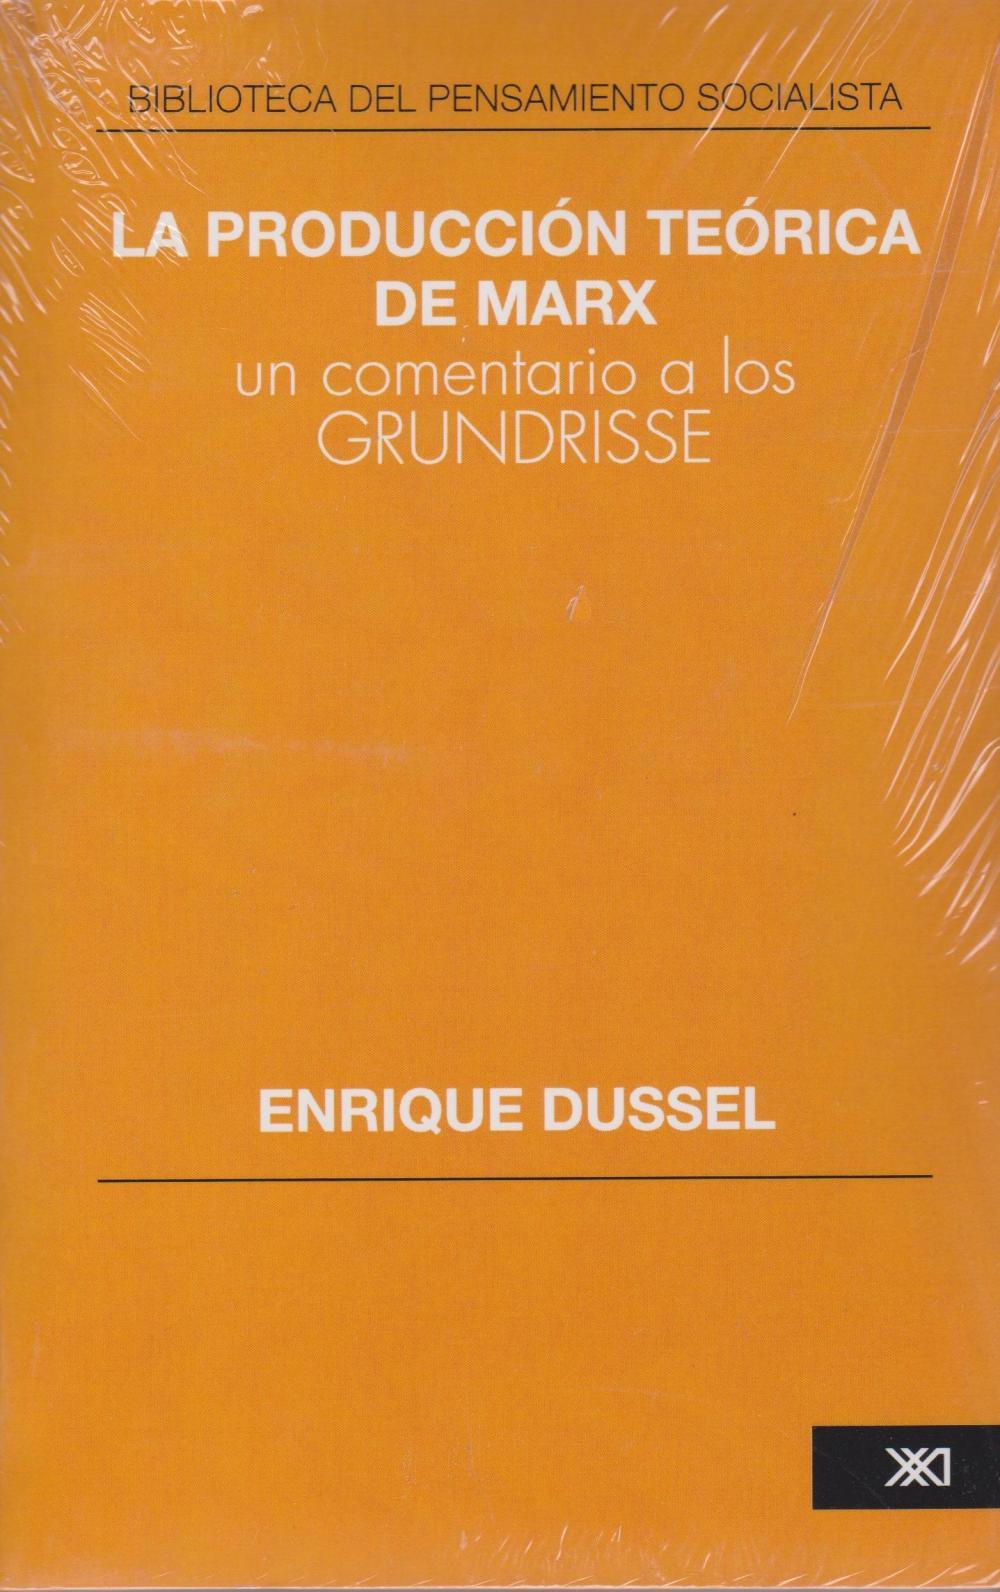 La producción teórica de Marx